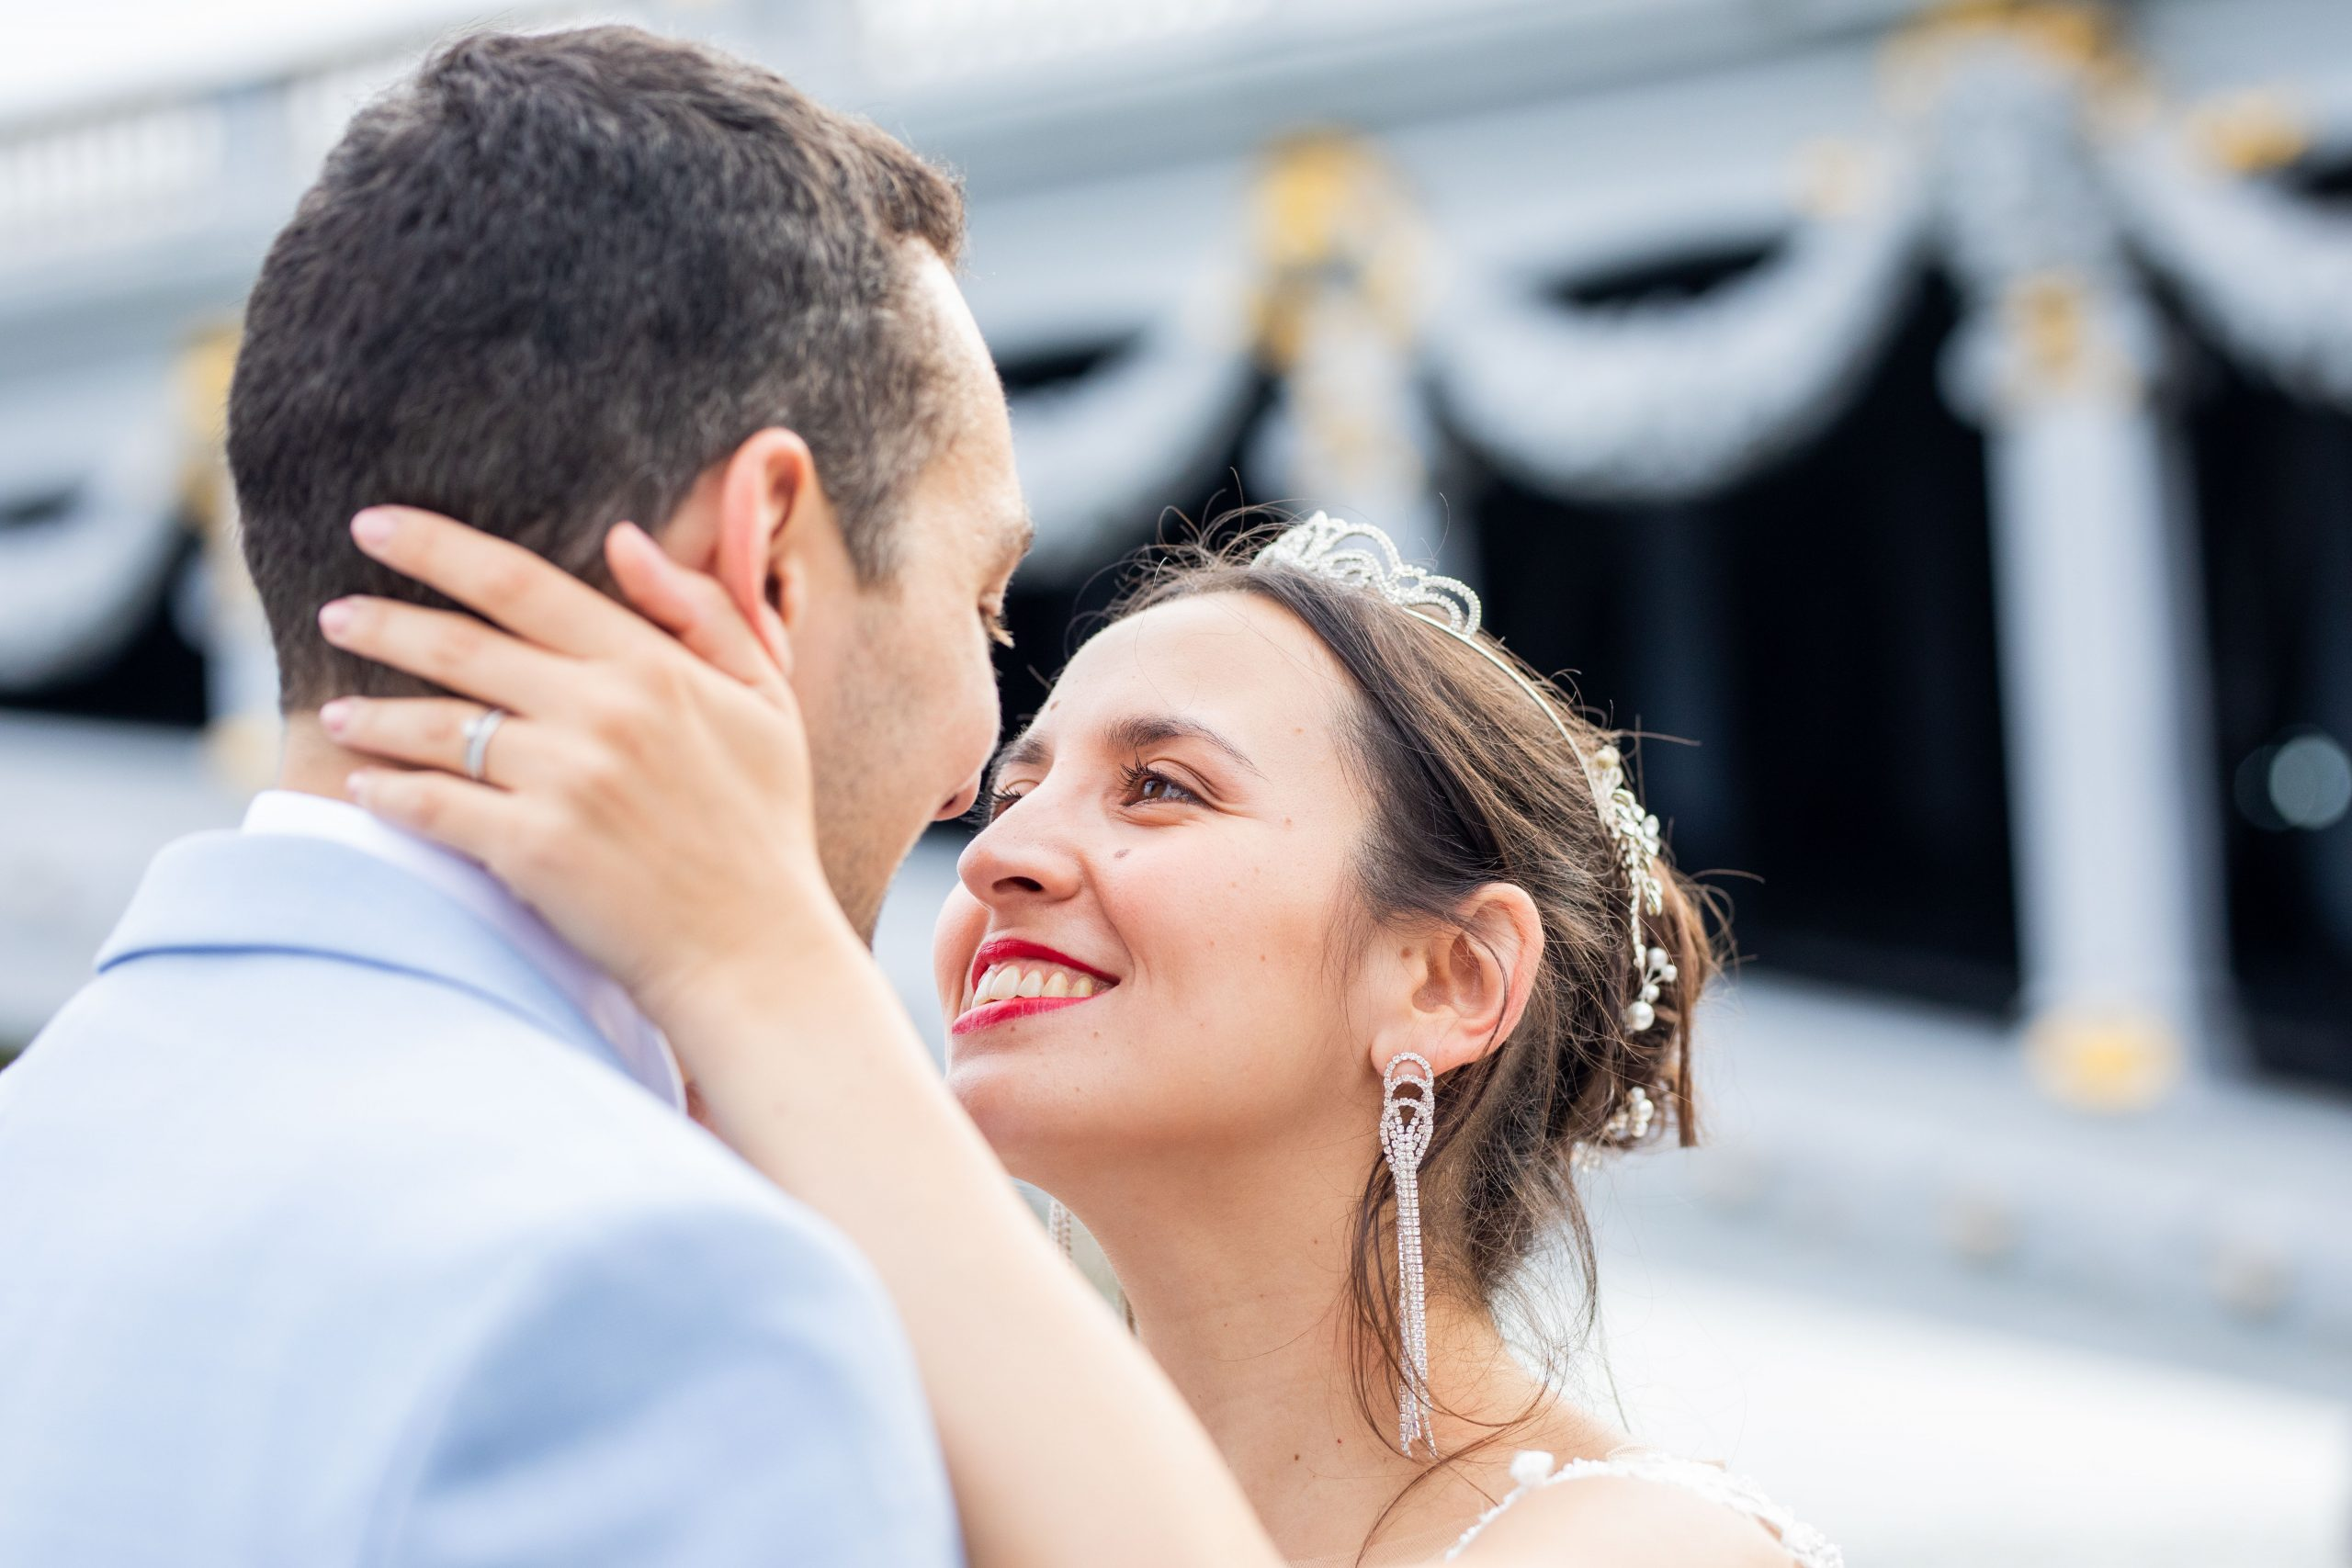 Photographe mariage - Paris - Montpellier - Nice - séance couple Parc Monceau - Photographe émotion Paris